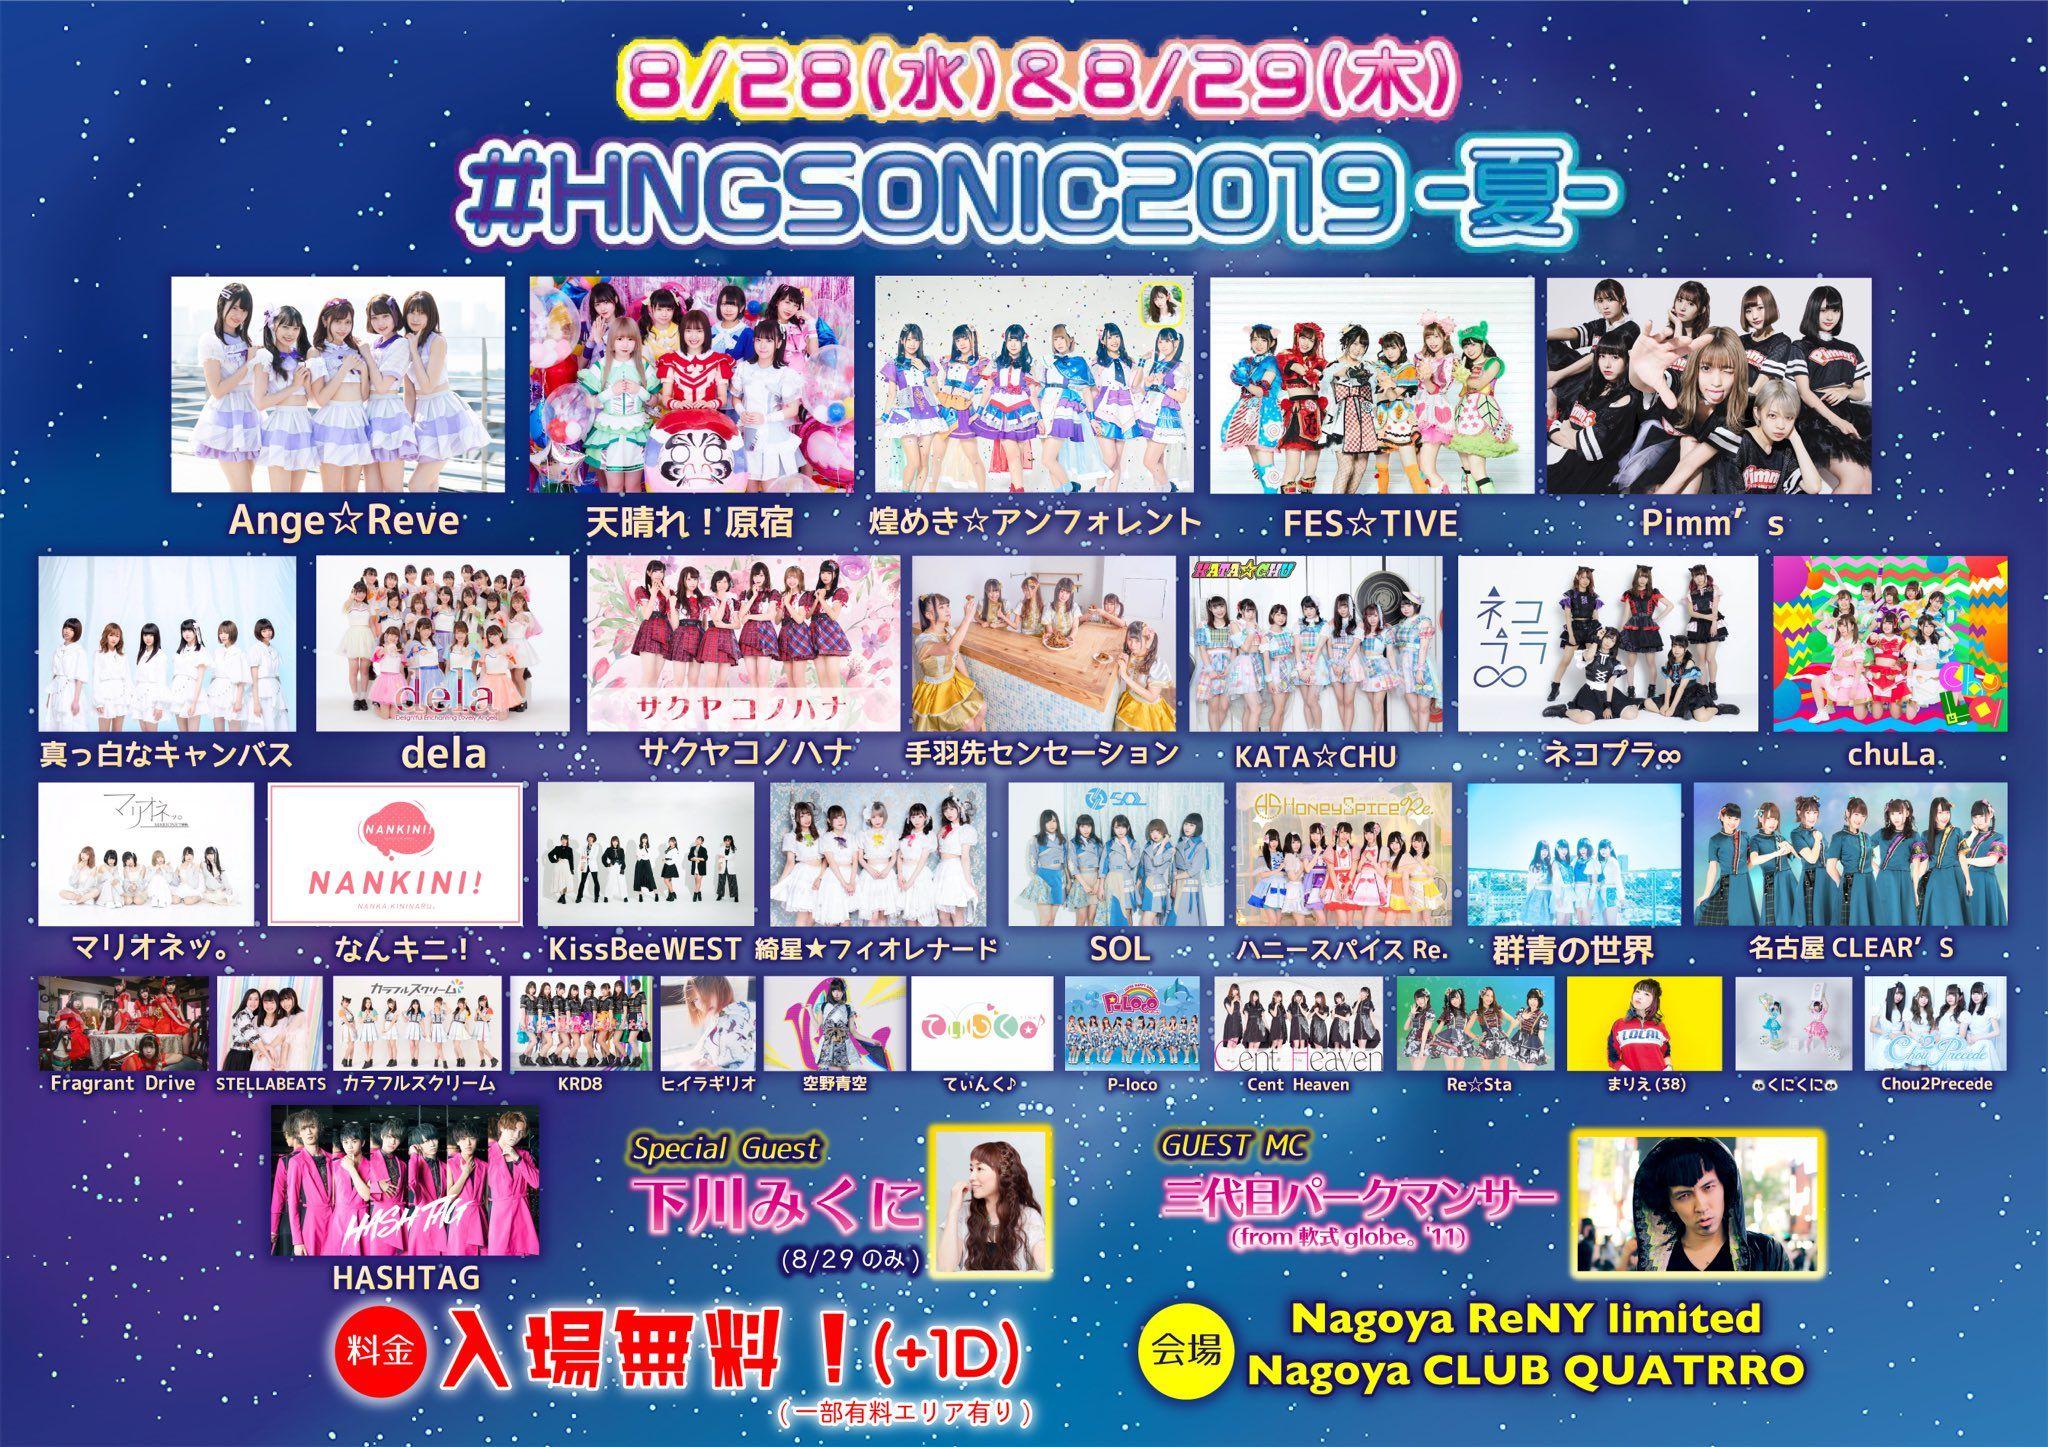 【空野青空】愛知・名古屋『#HNGSONIC2019 -夏-』